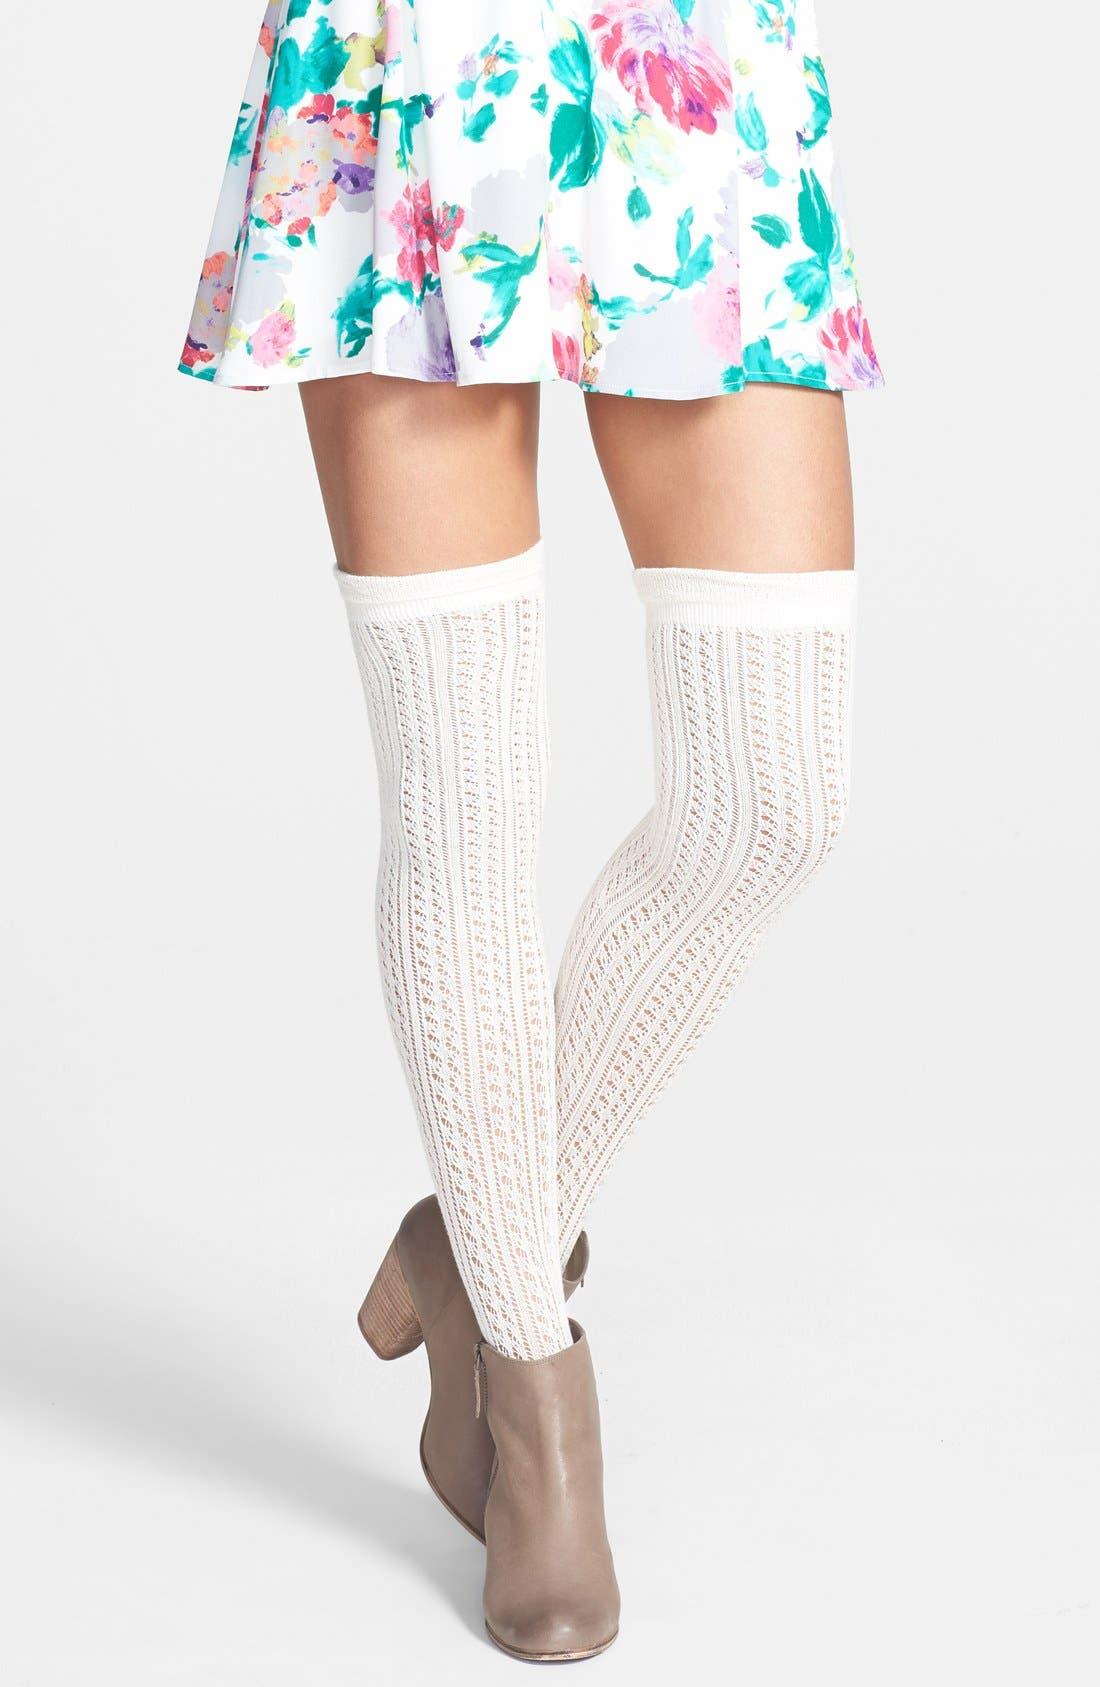 Main Image - K. Bell Socks Pointelle Over the Knee Socks